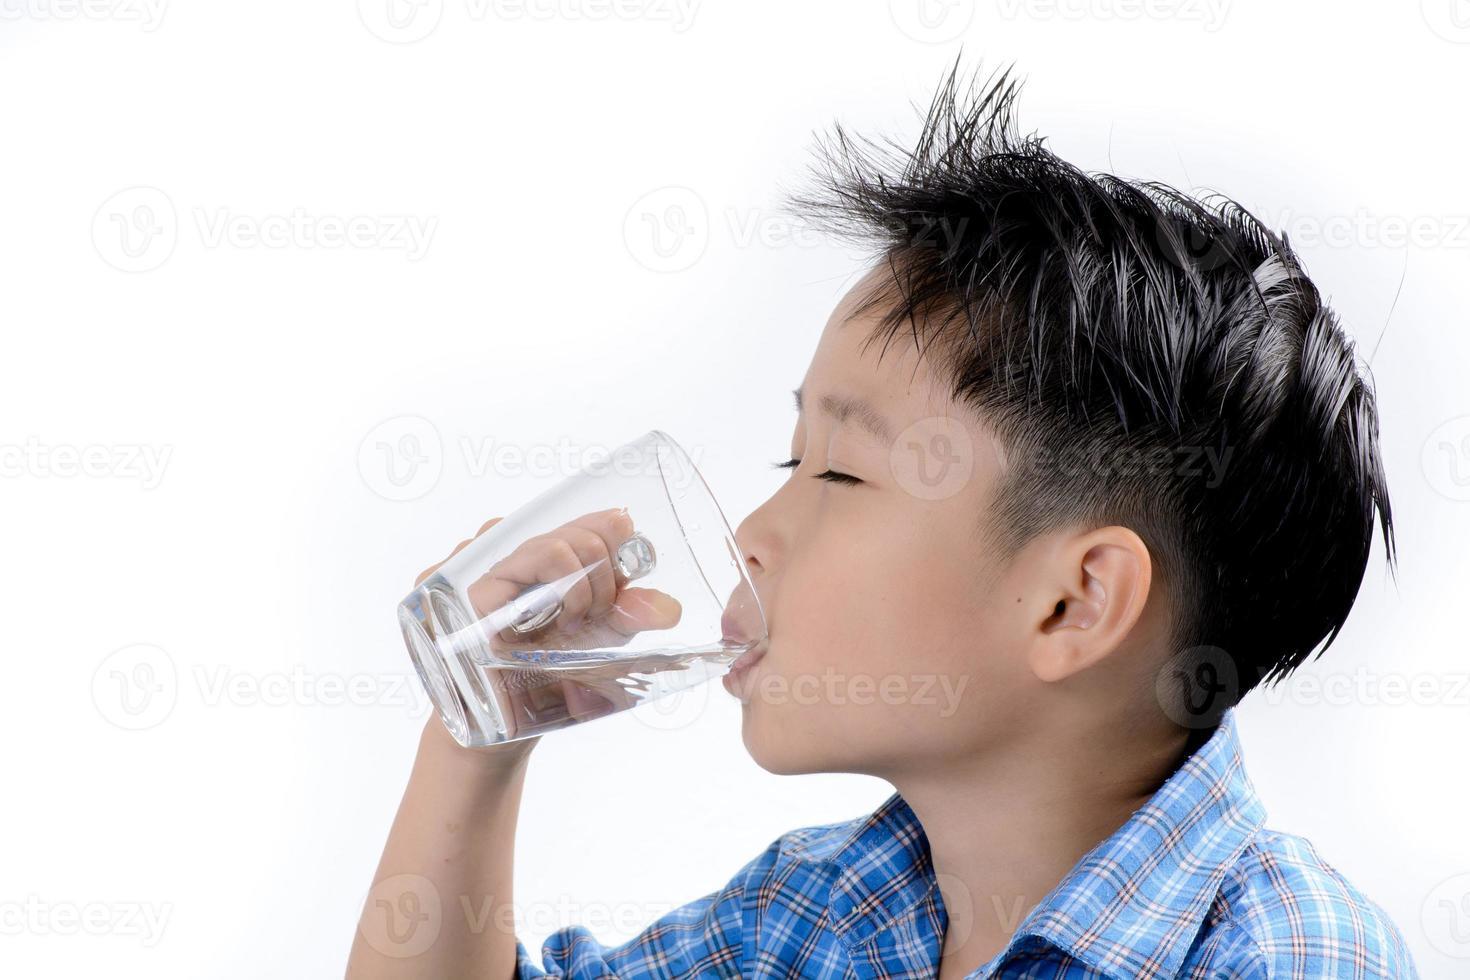 menino bebe água com remédio foto